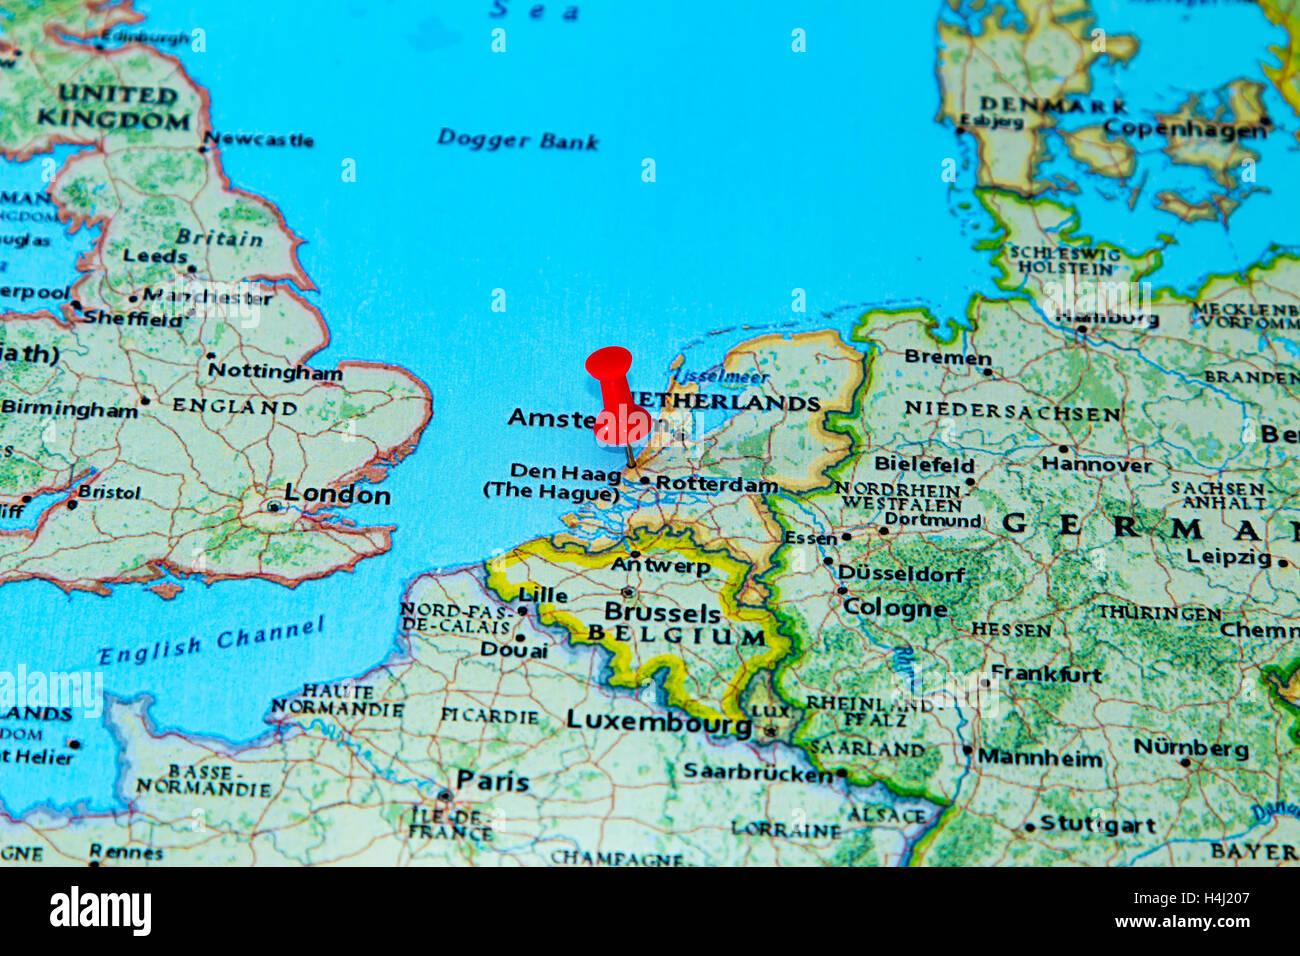 den haag karte Den Haag, Niederlande, fixiert auf einer Karte von Europa  den haag karte